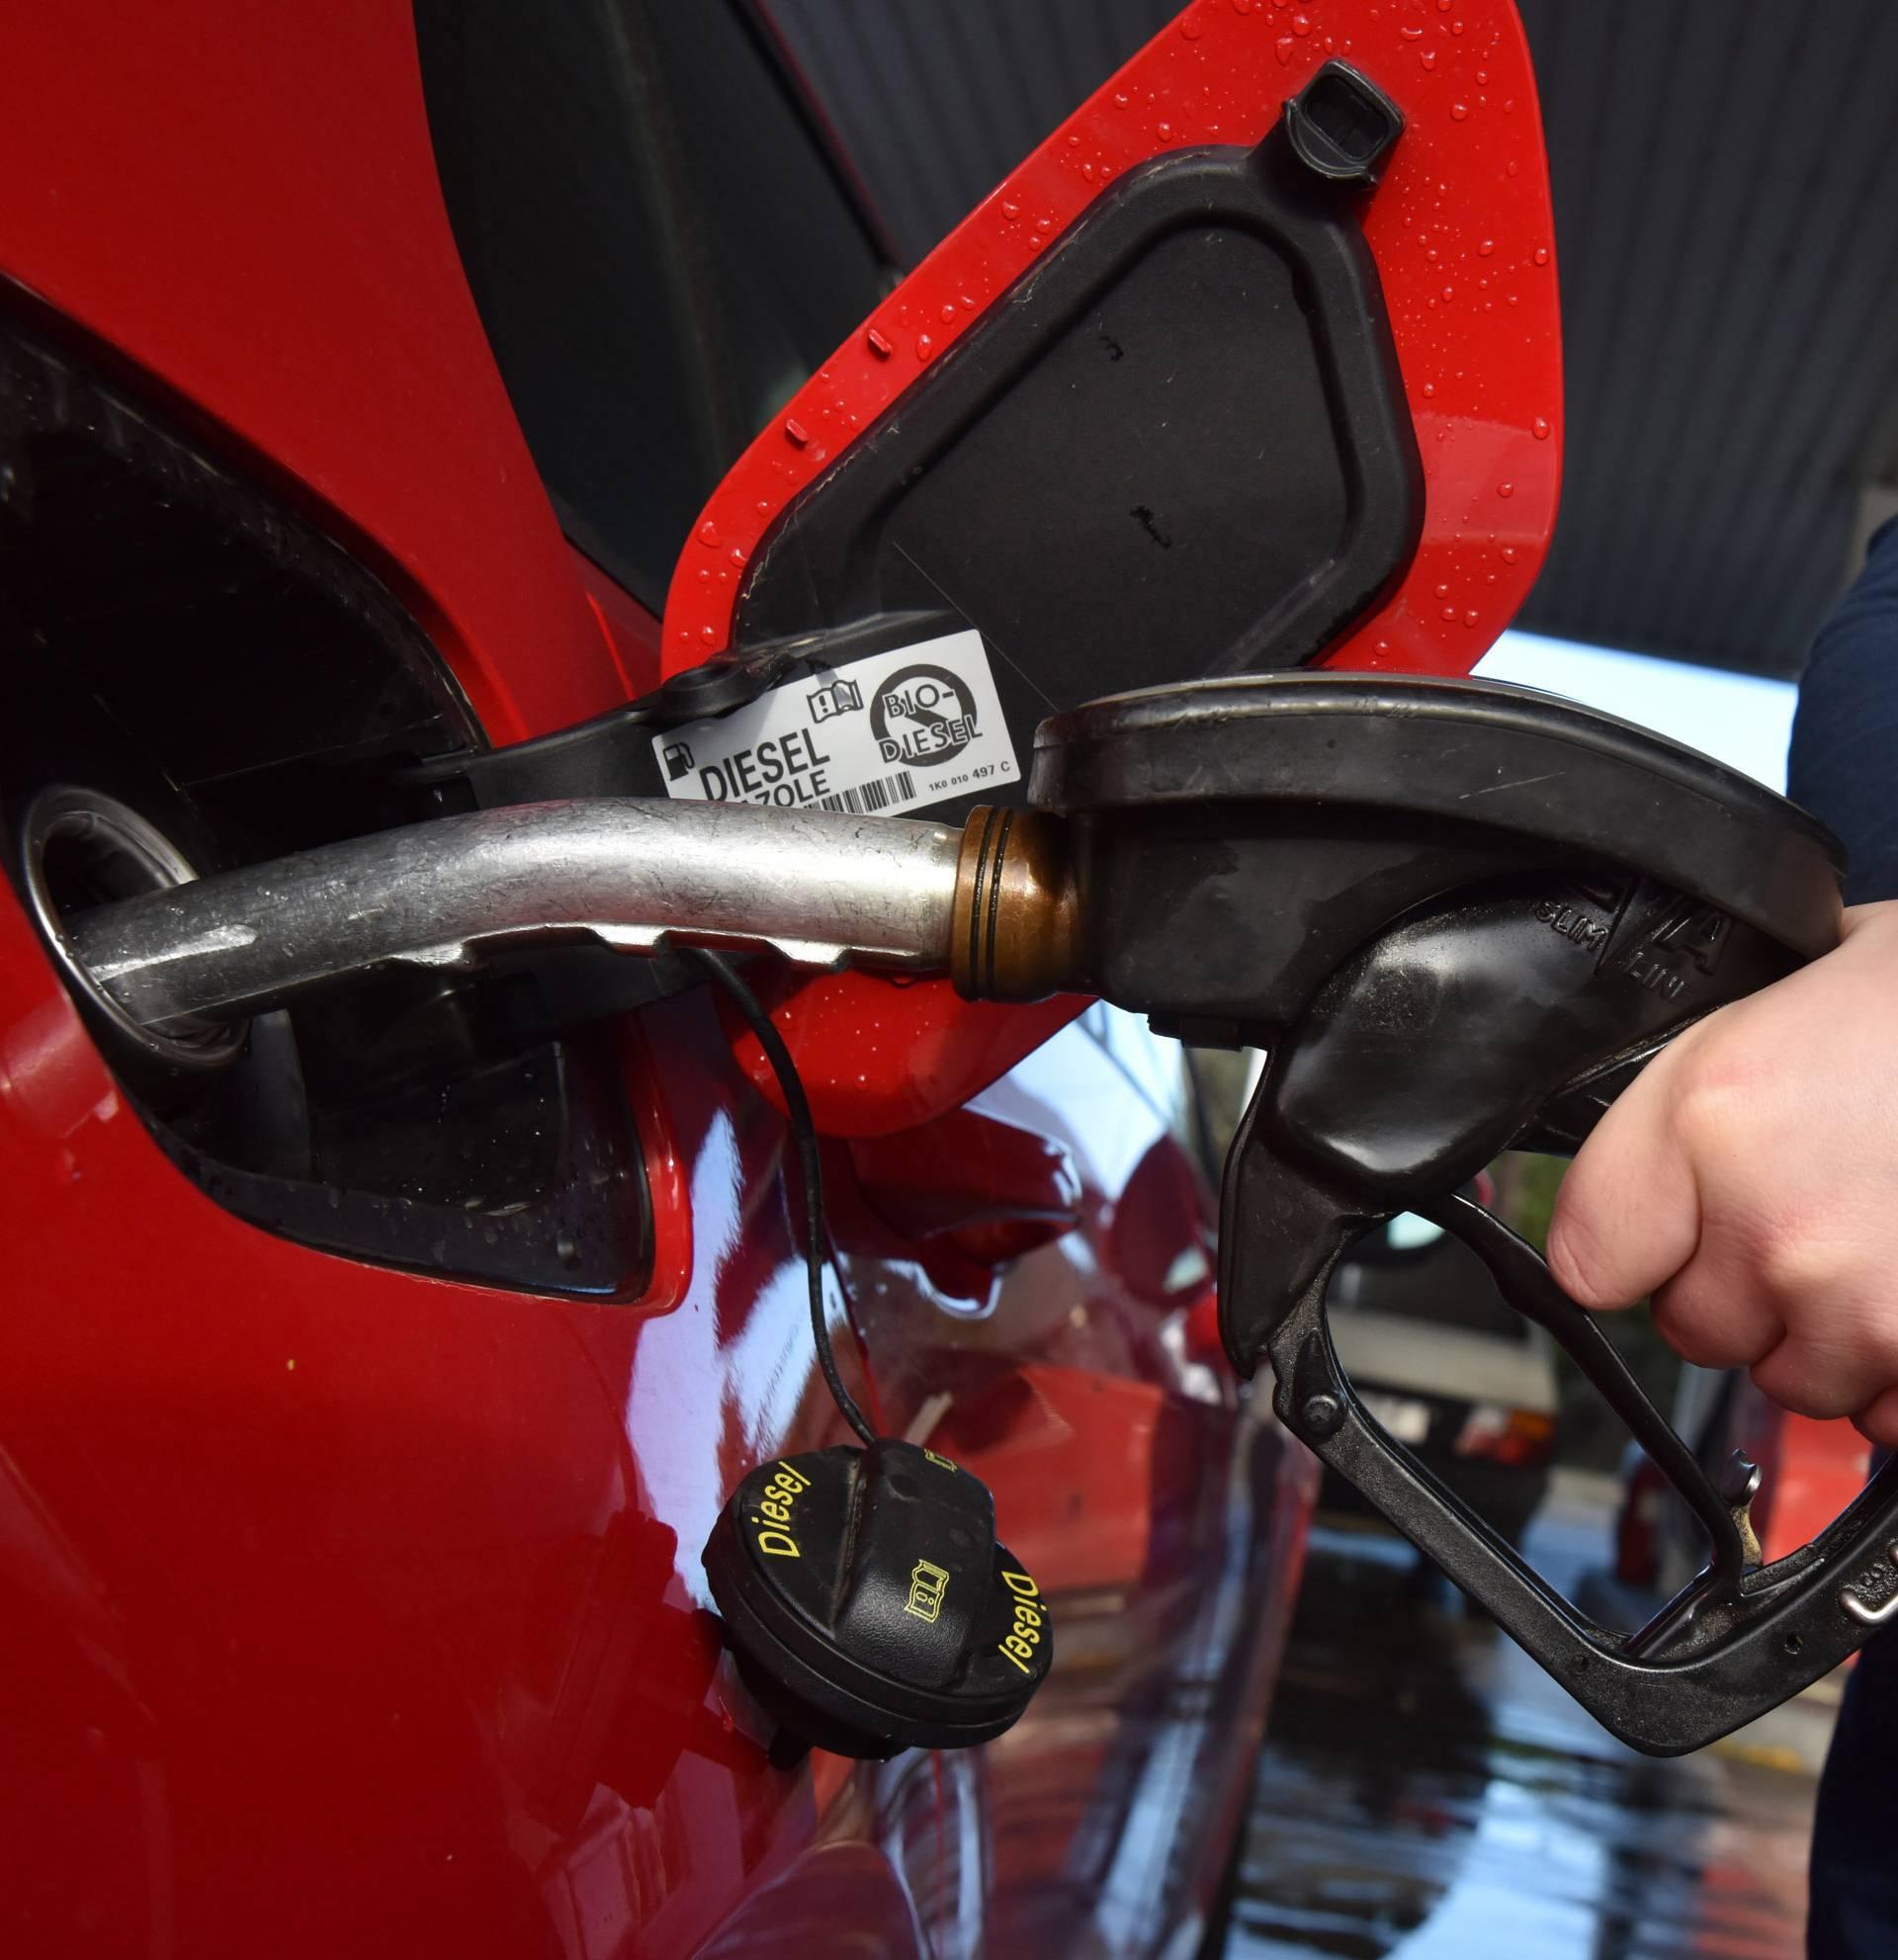 Rezervoar benzina pojeftinio je za 6,5, a dizela za 5,5 kuna...